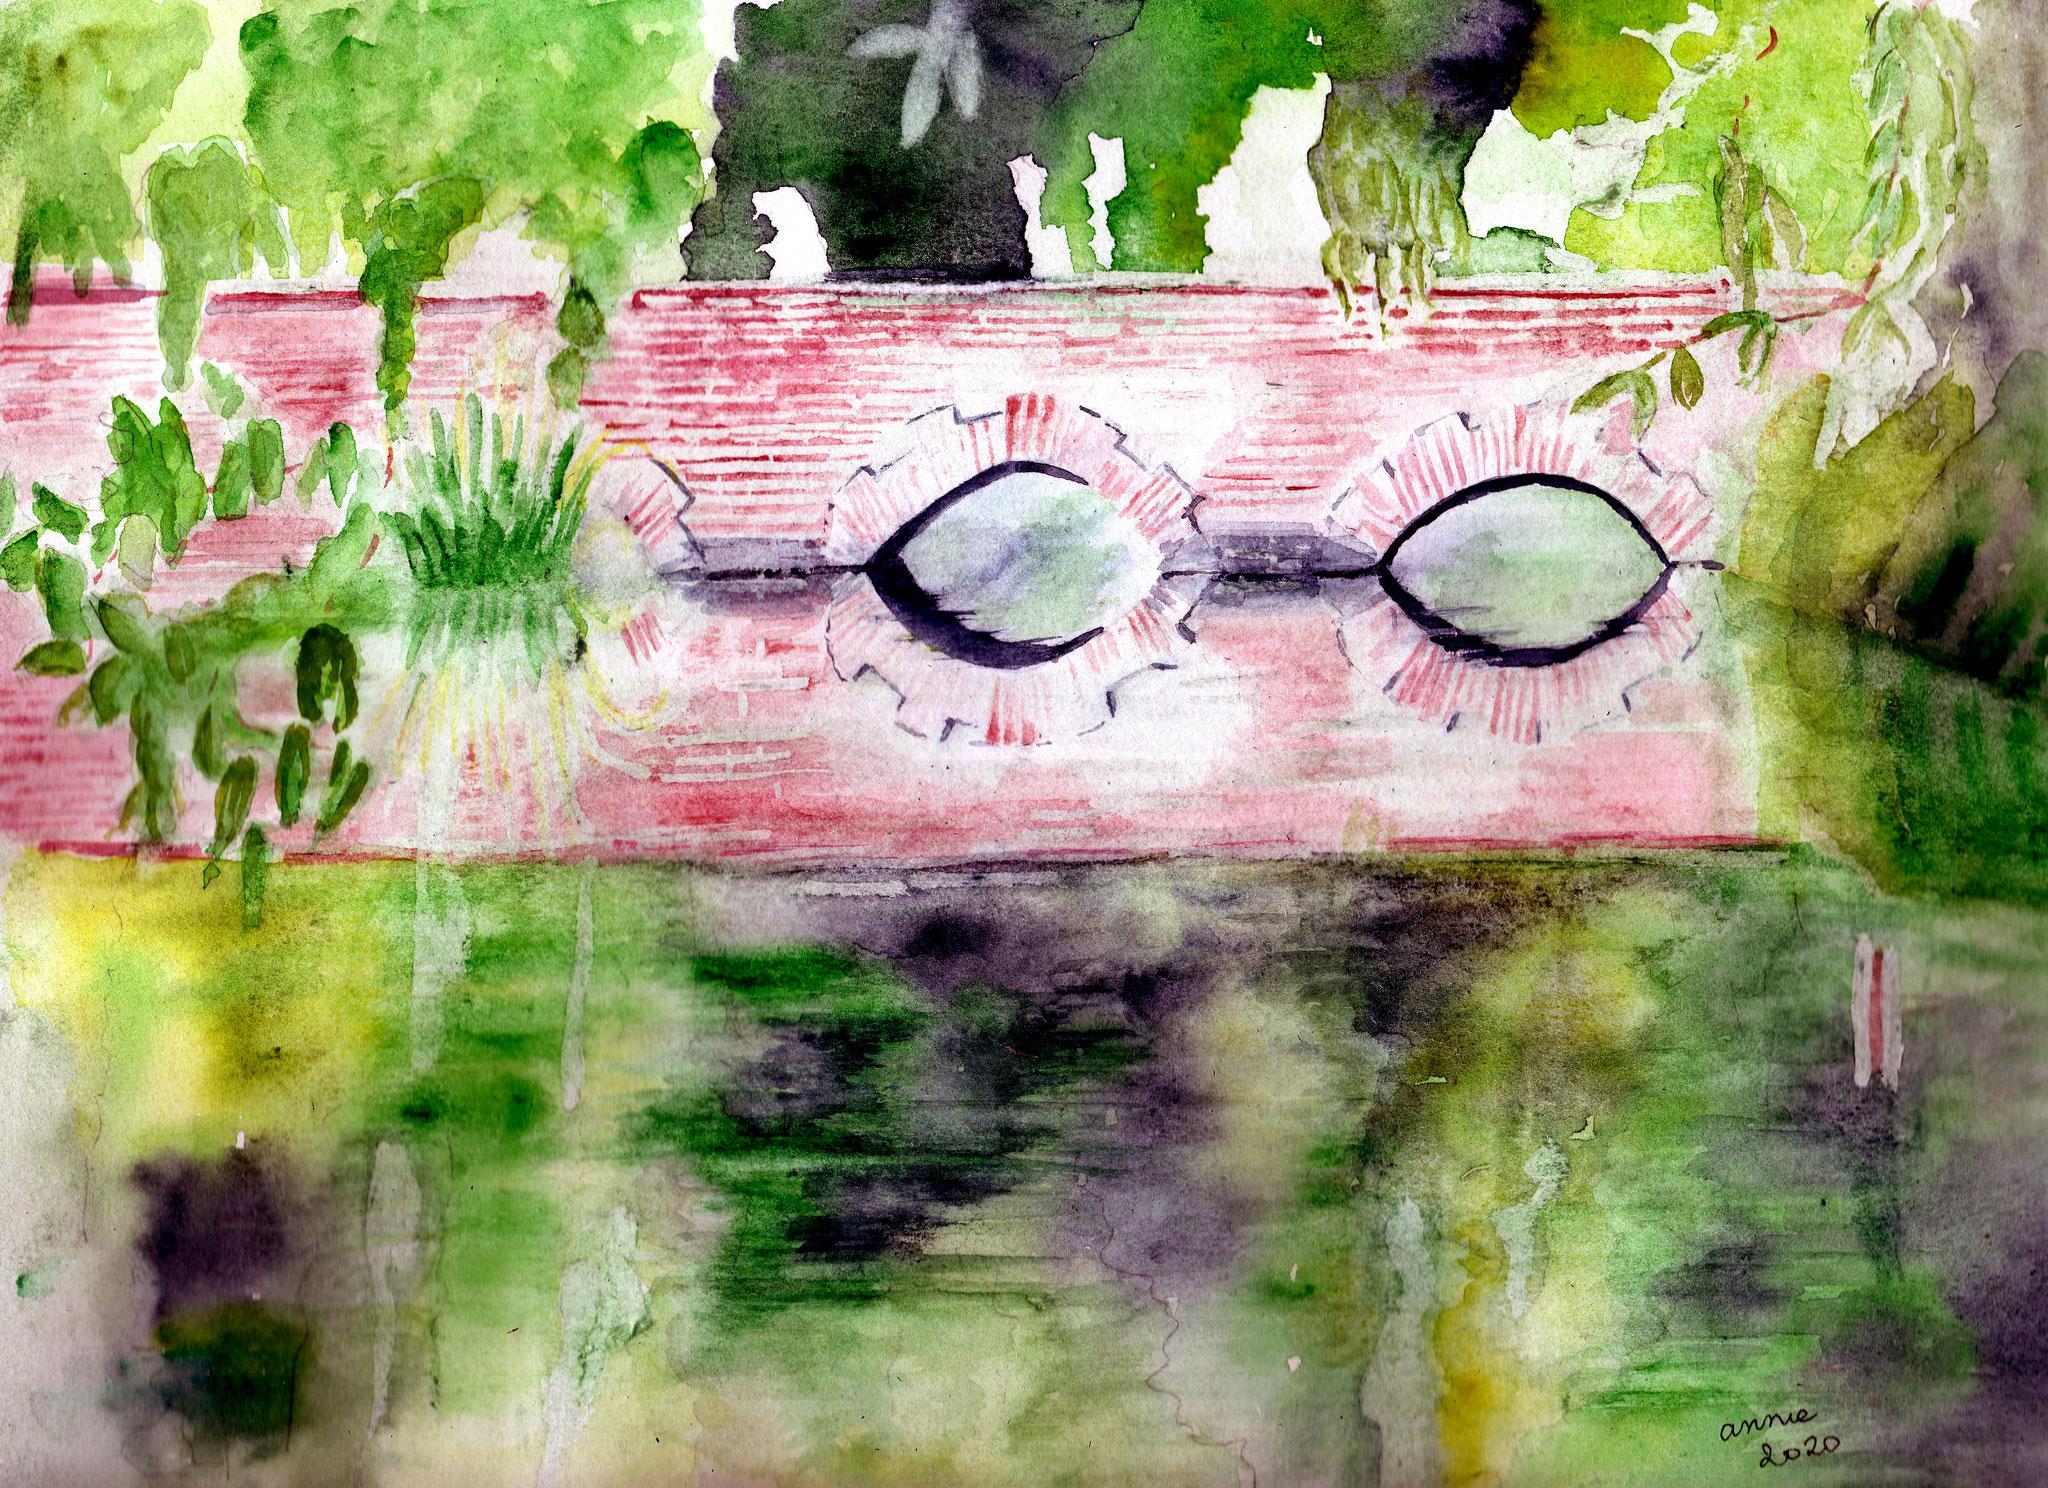 Le pont dans le parc inspiré d'une photo de Jehanne